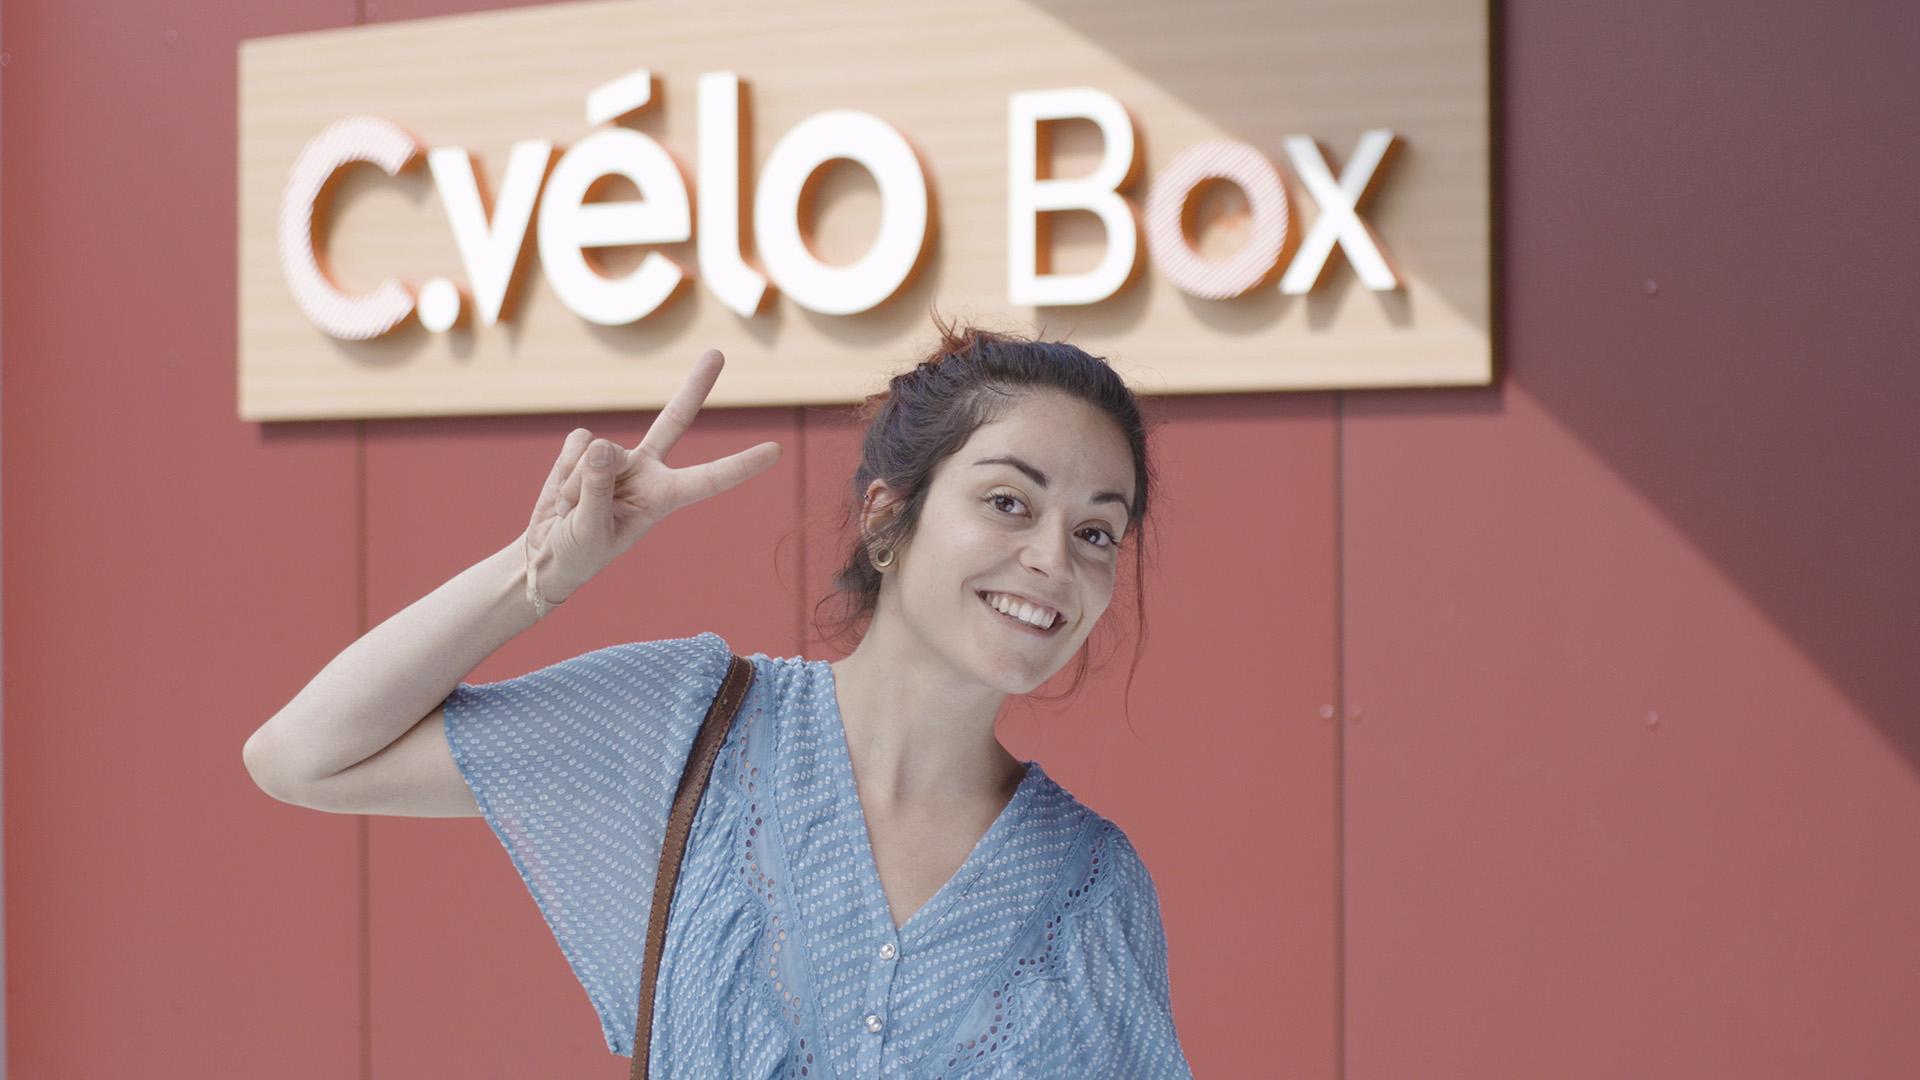 c.velo box